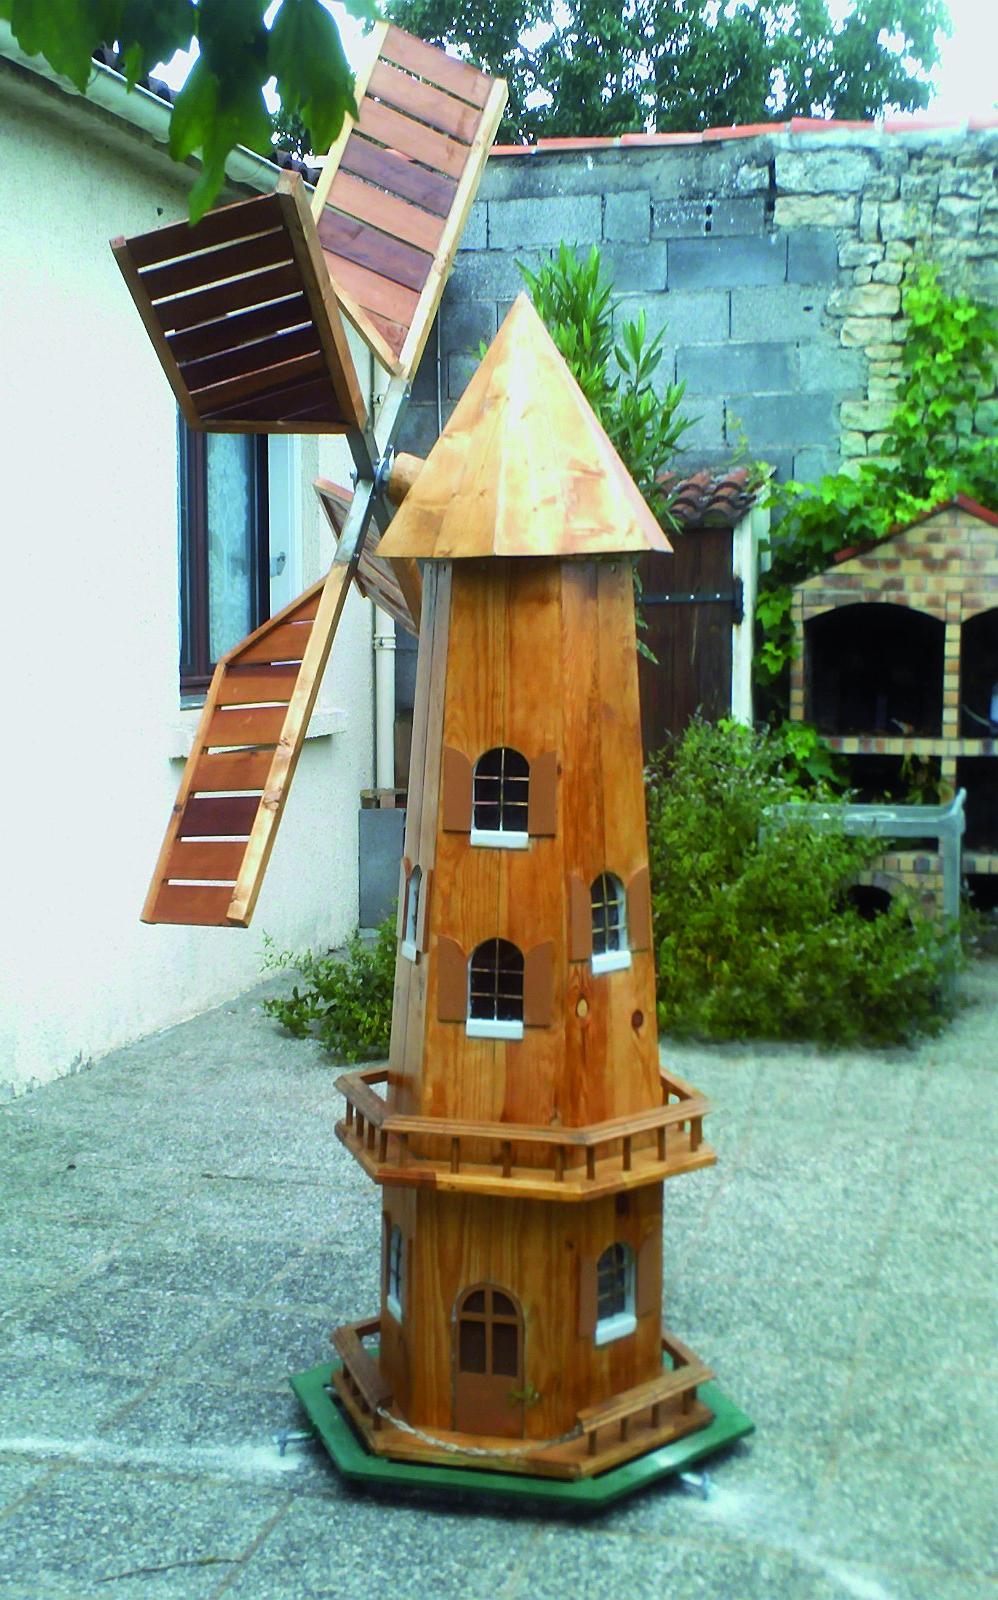 Un Moulin À Vent Pour Le Jardin | Bois+ Le Bouvet concernant Moulin A Vent Pour Jardin